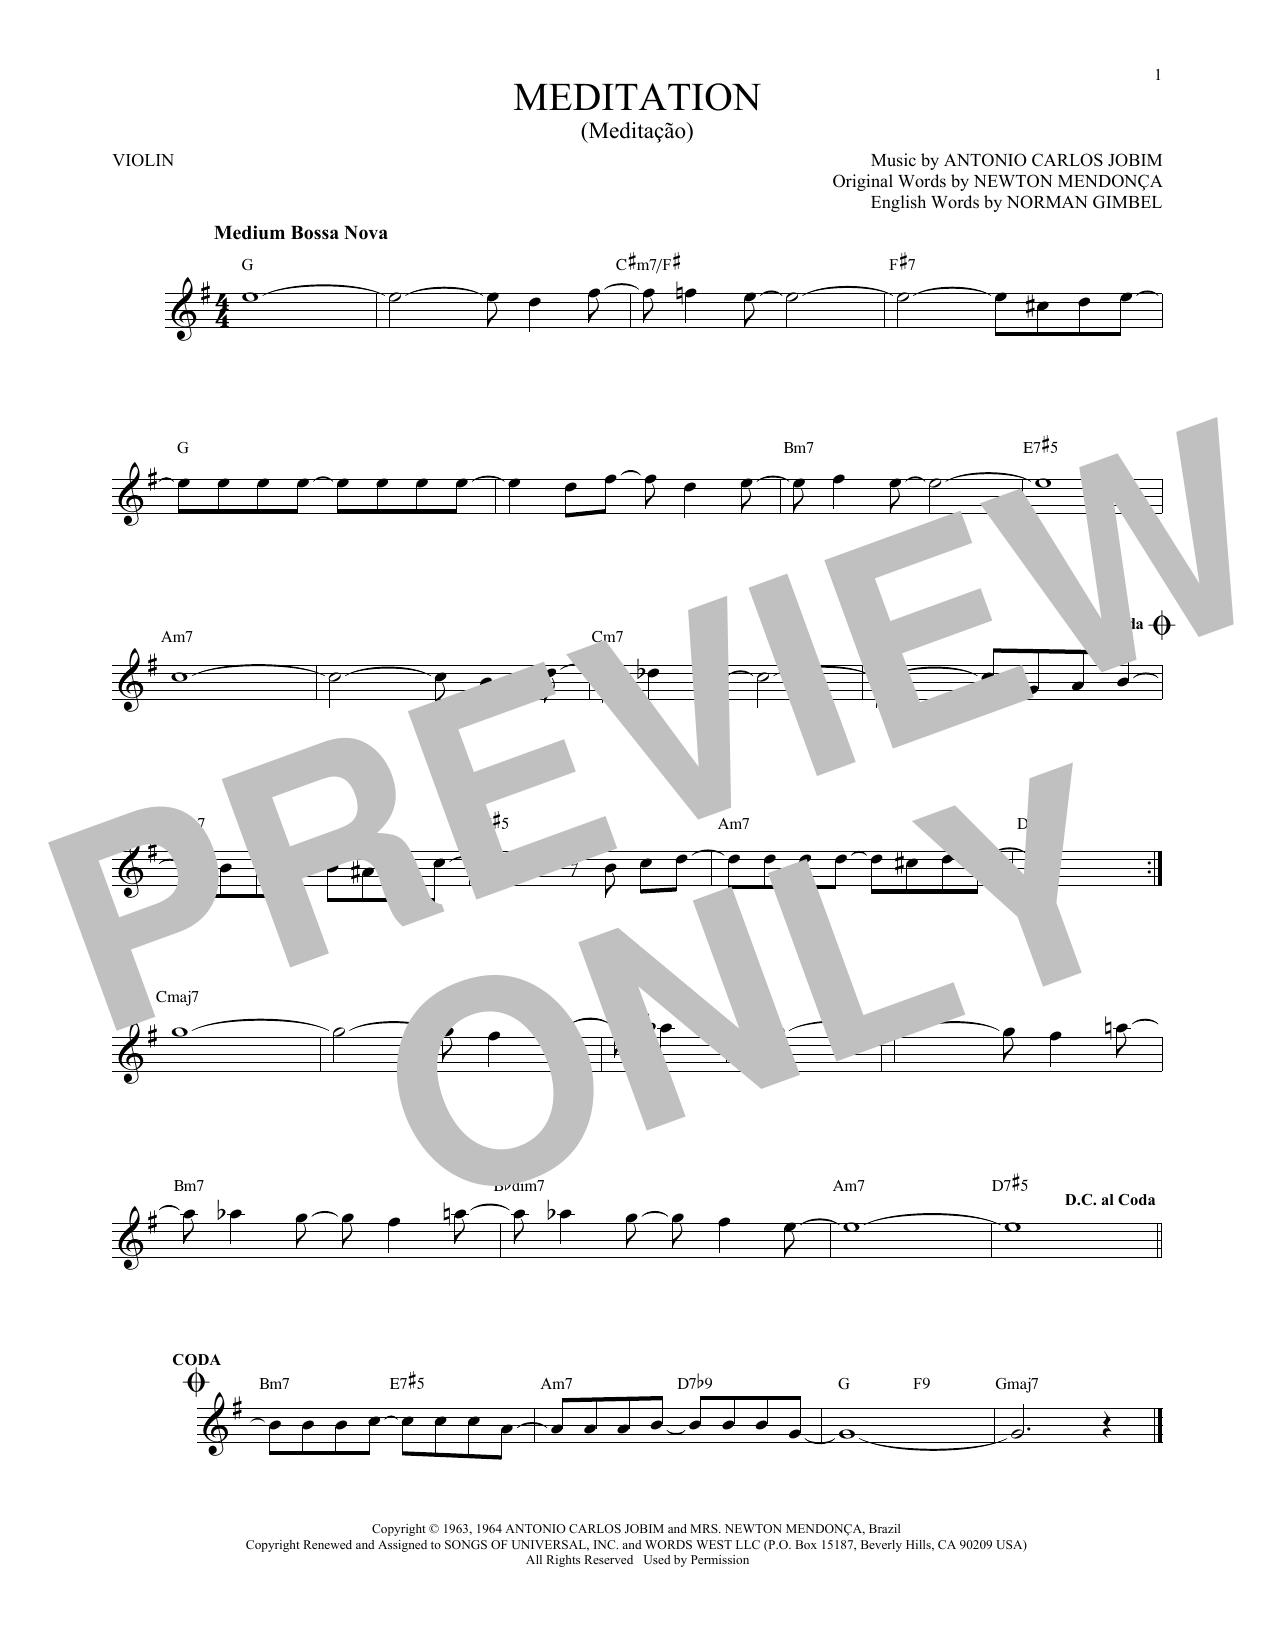 Meditation (Meditacao) (Violin Solo)